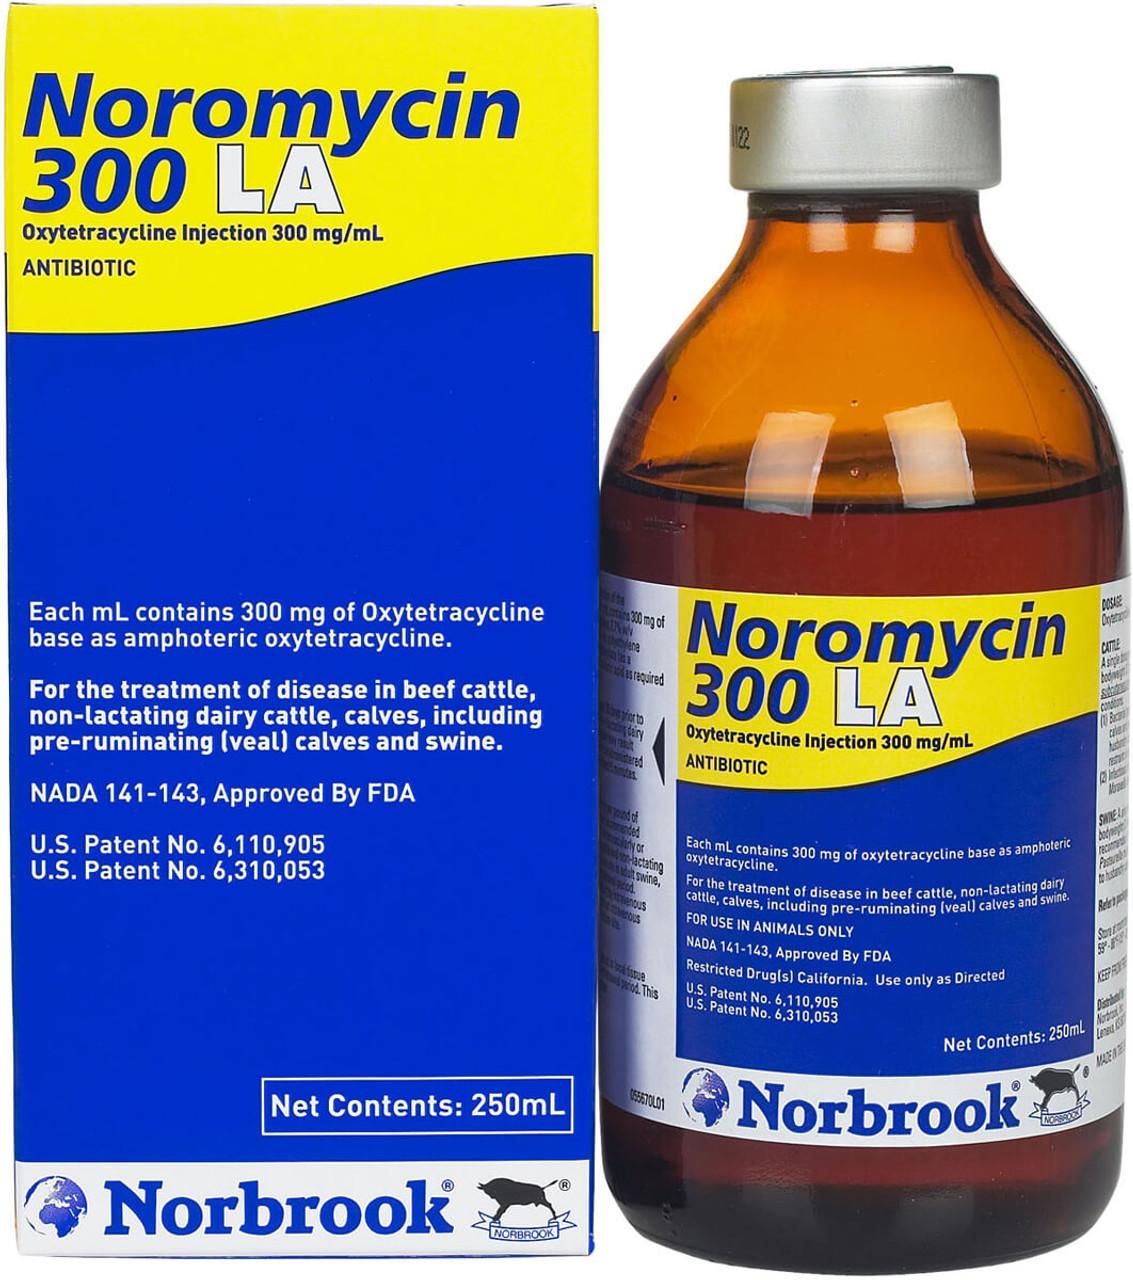 Noromycin LA-300